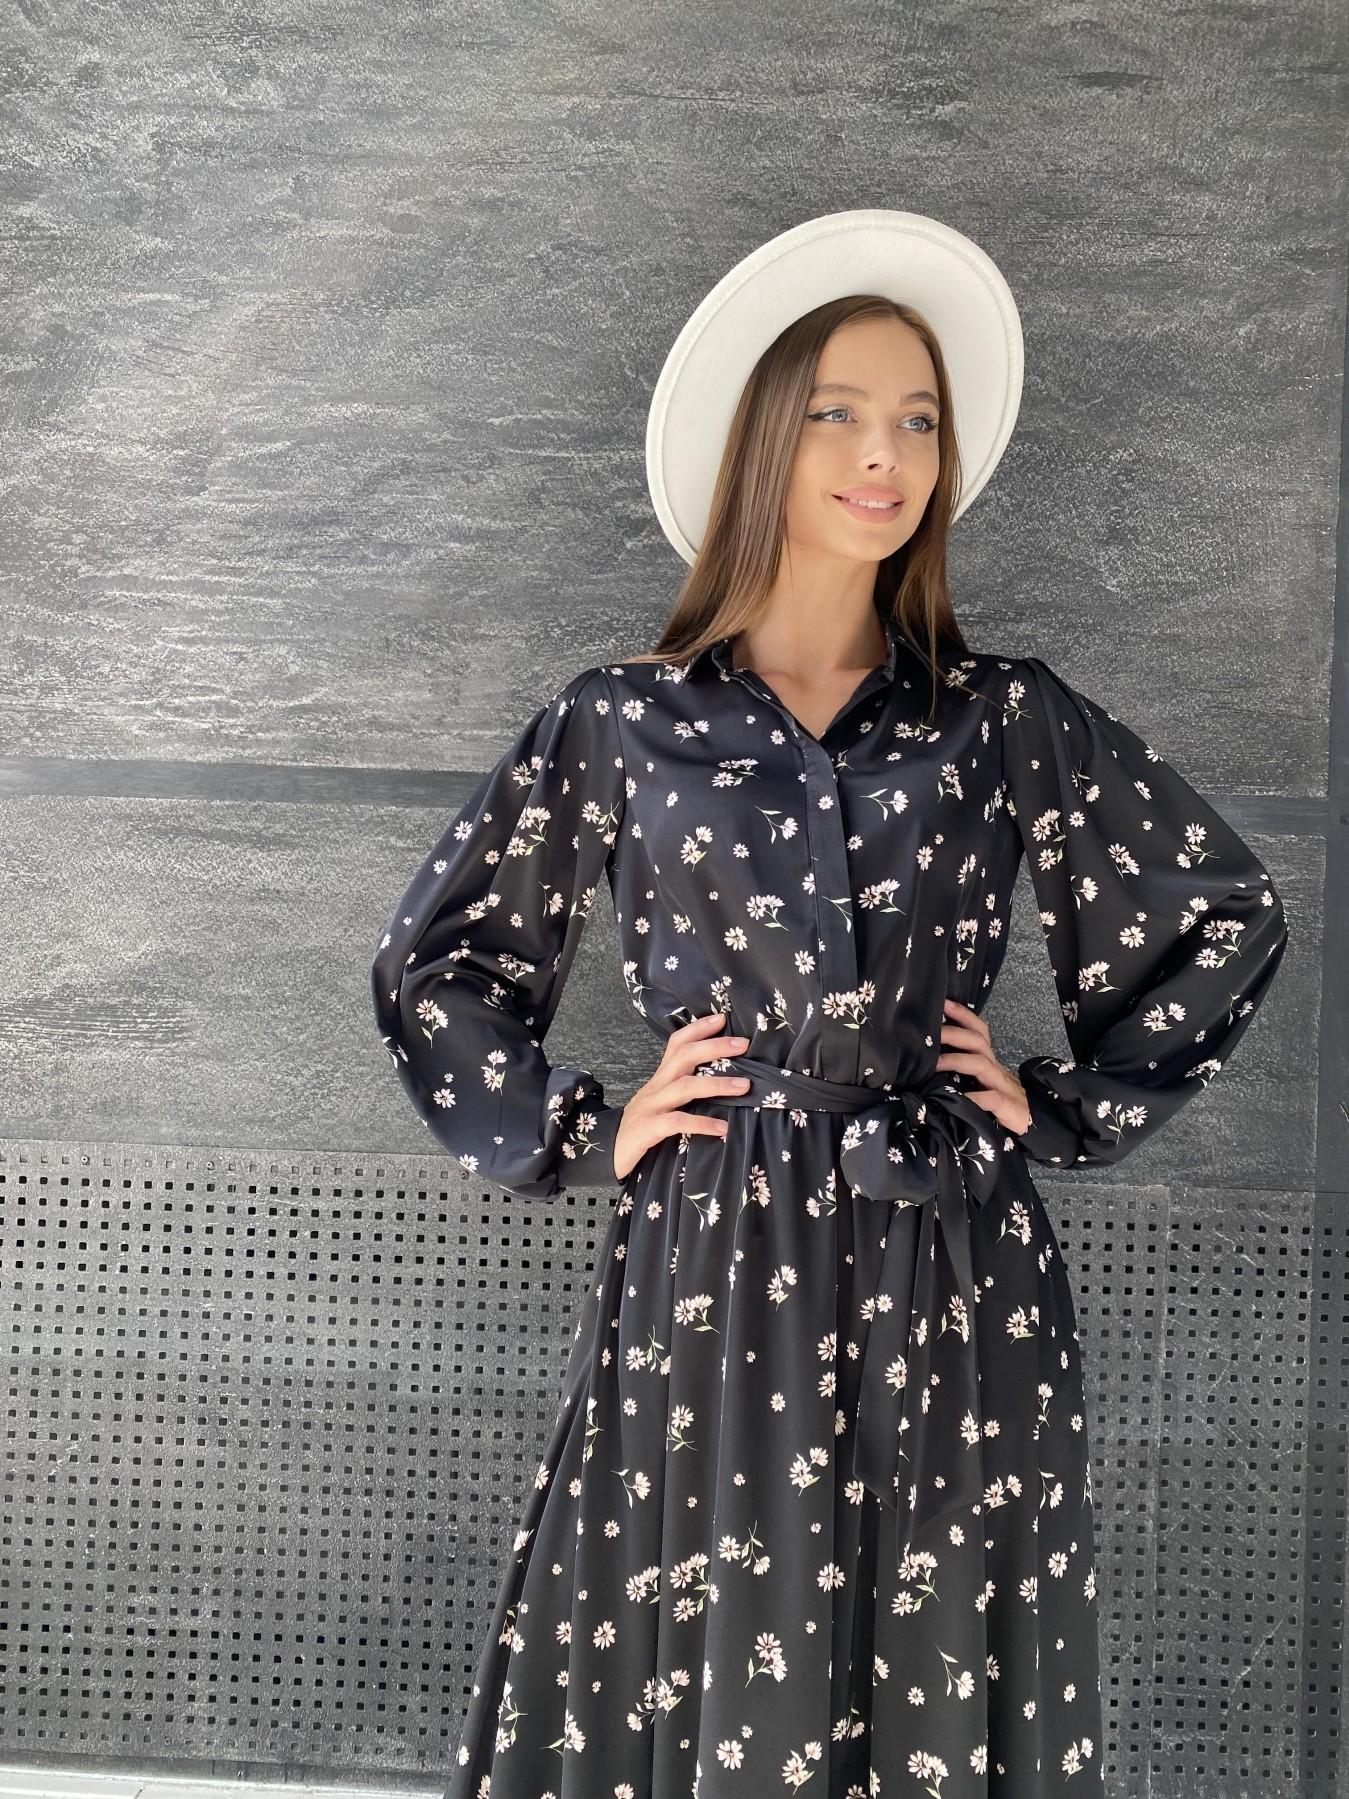 Жасмин д/р шелк принт платье 11716 АРТ. 48417 Цвет: Черный/пудра/хризантема - фото 2, интернет магазин tm-modus.ru